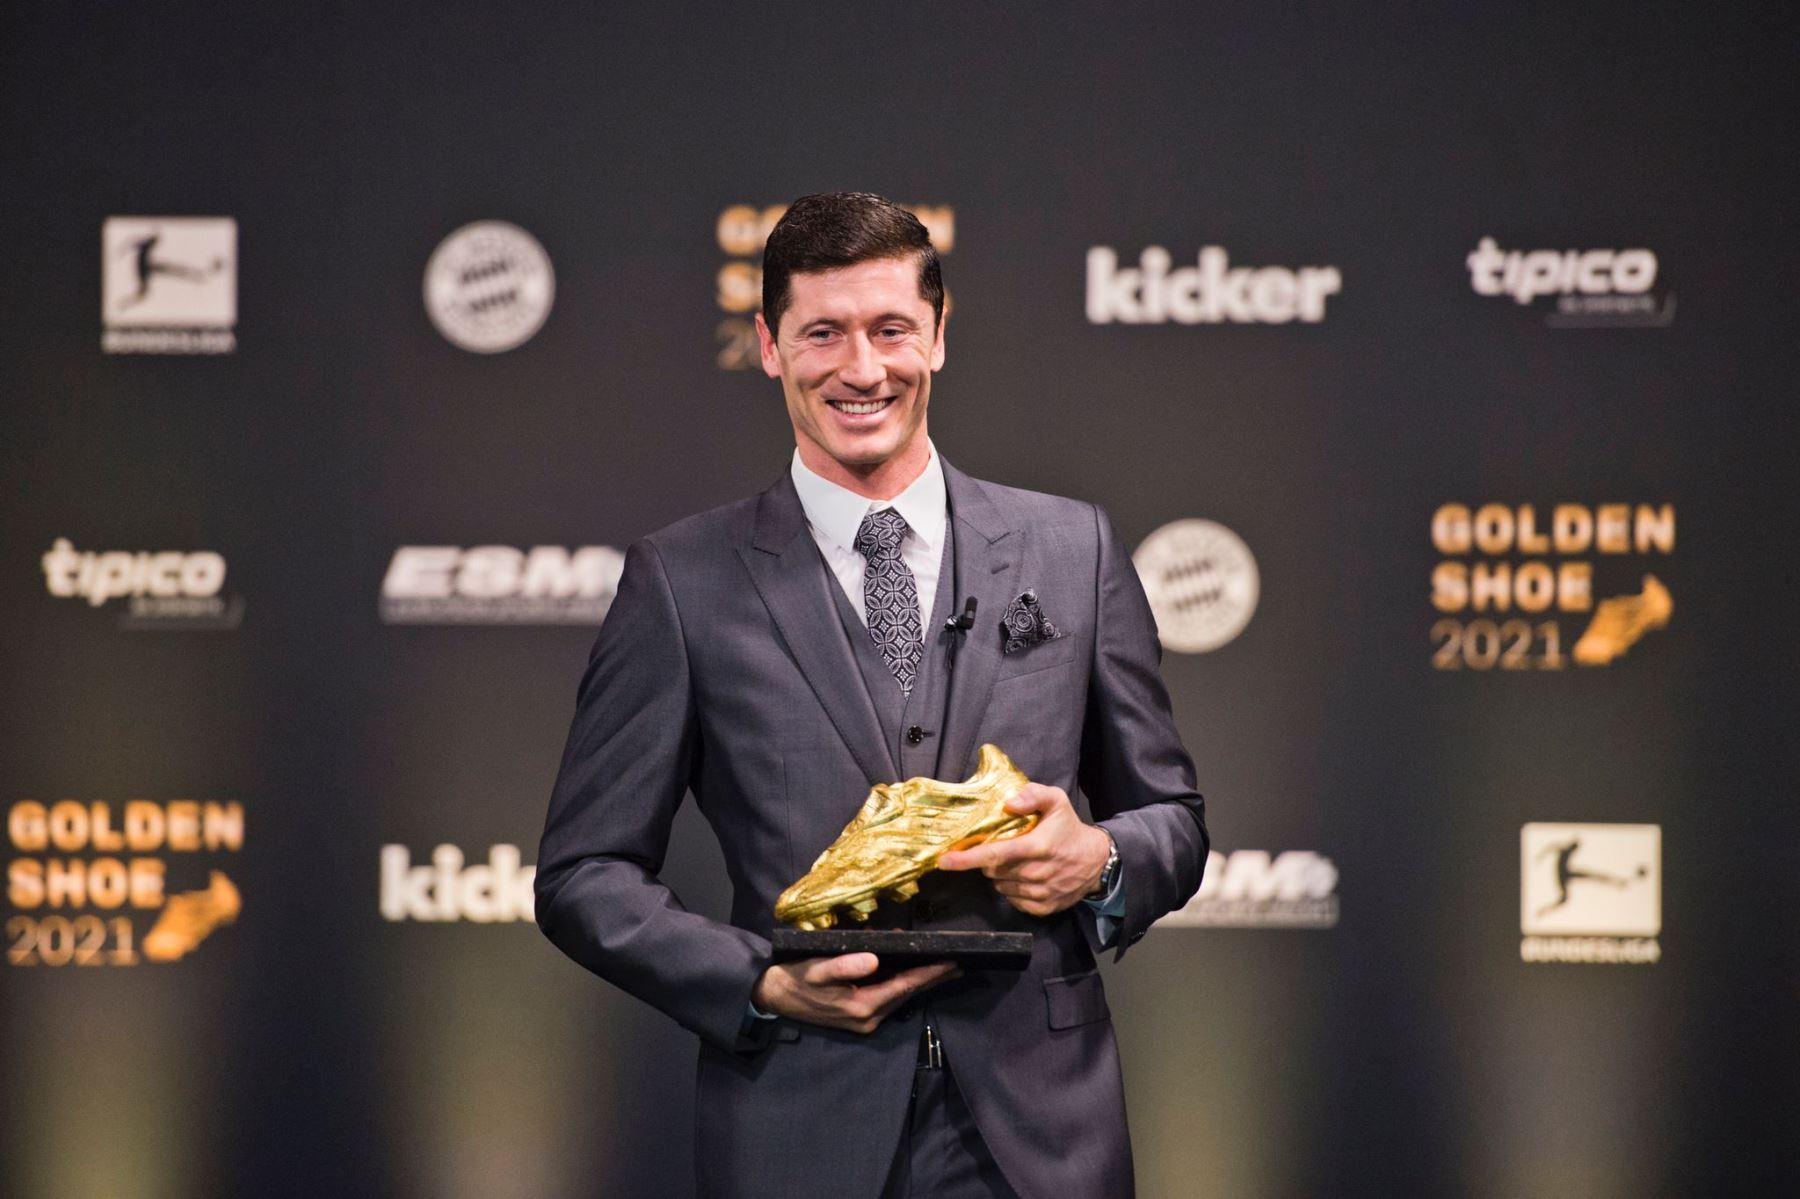 Robert Lewandowski recibió el trofeo que lo acredita como goleador de la temporada anterior.